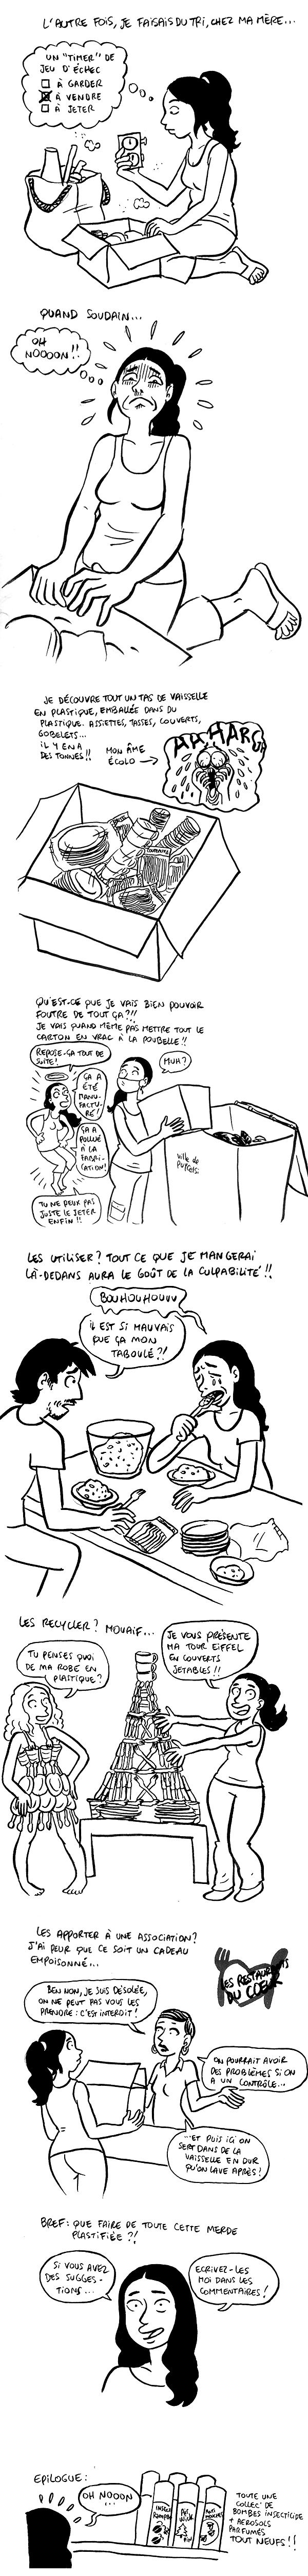 http://melaka.free.fr/blog/casdeconscience.jpg